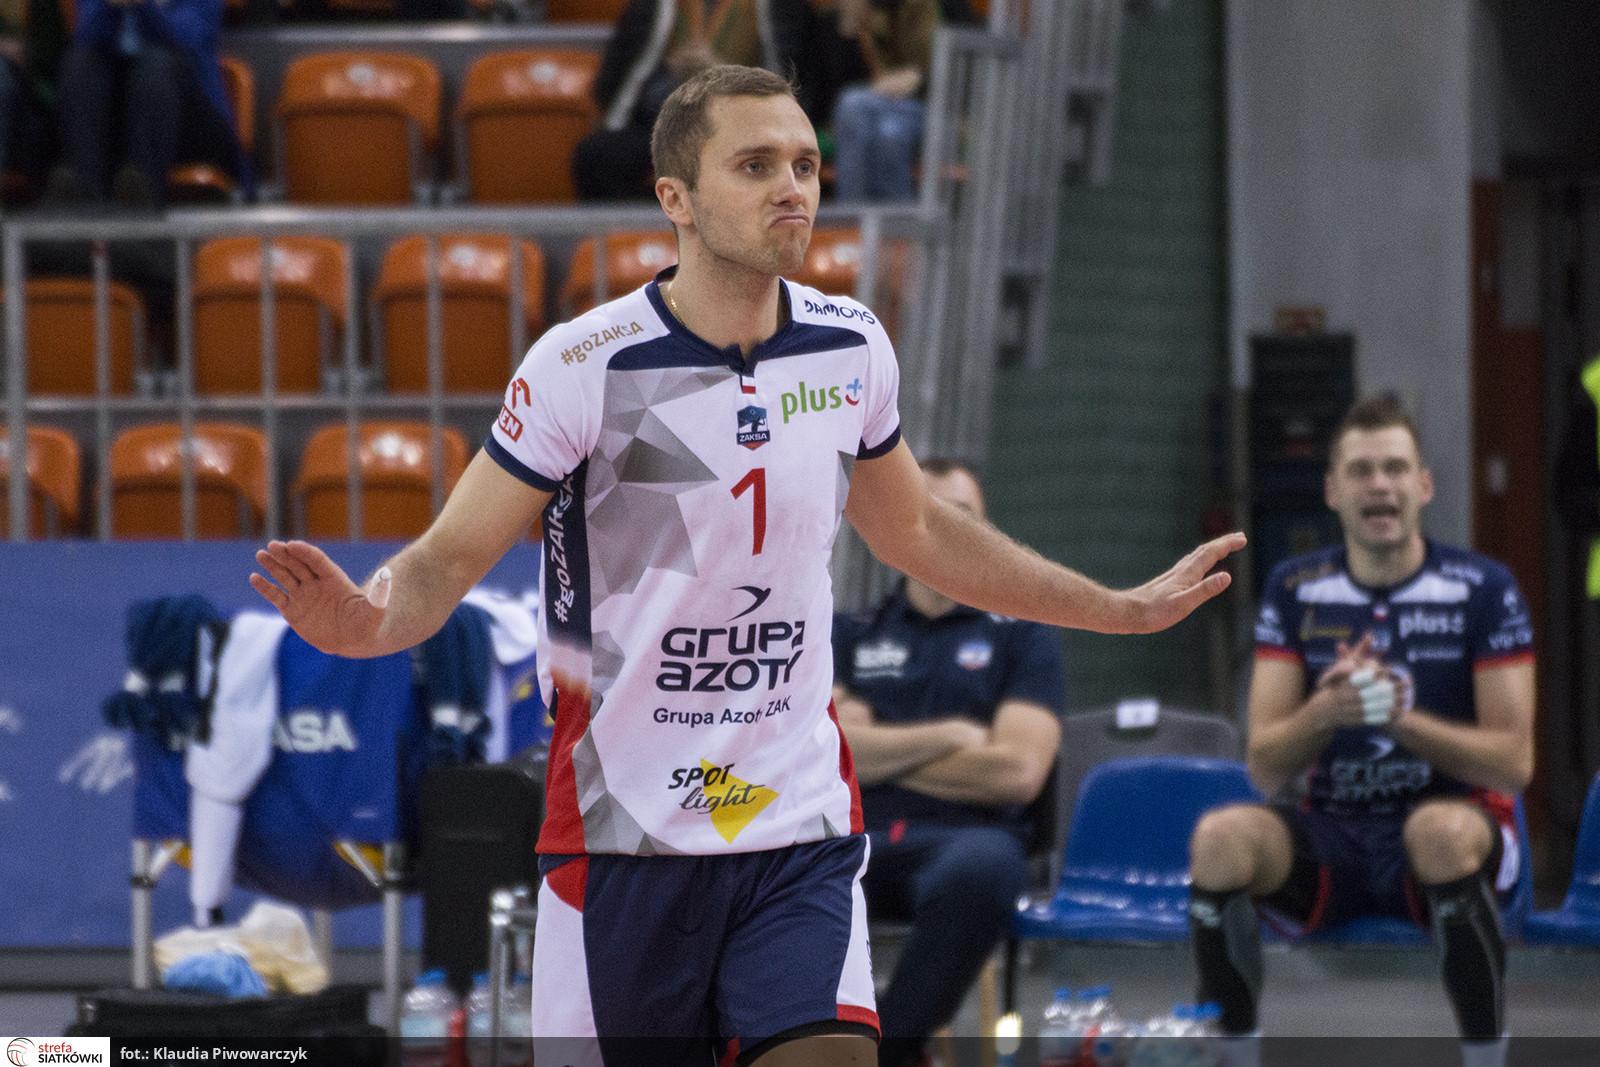 14 - Paweł Zatorski